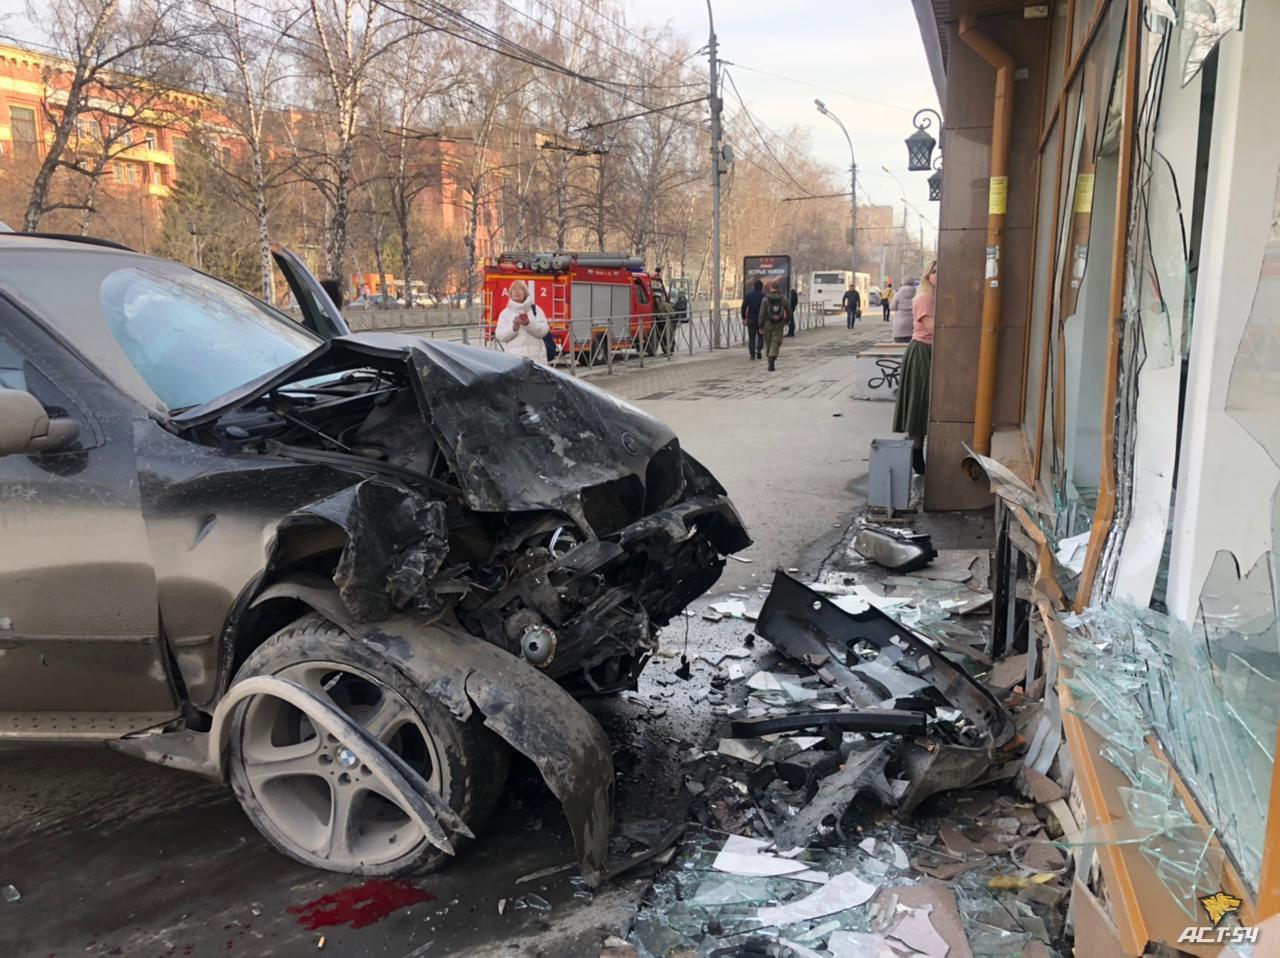 фото BMW X5 сбил пешеходов и врезался в здание в центре Новосибирска 4